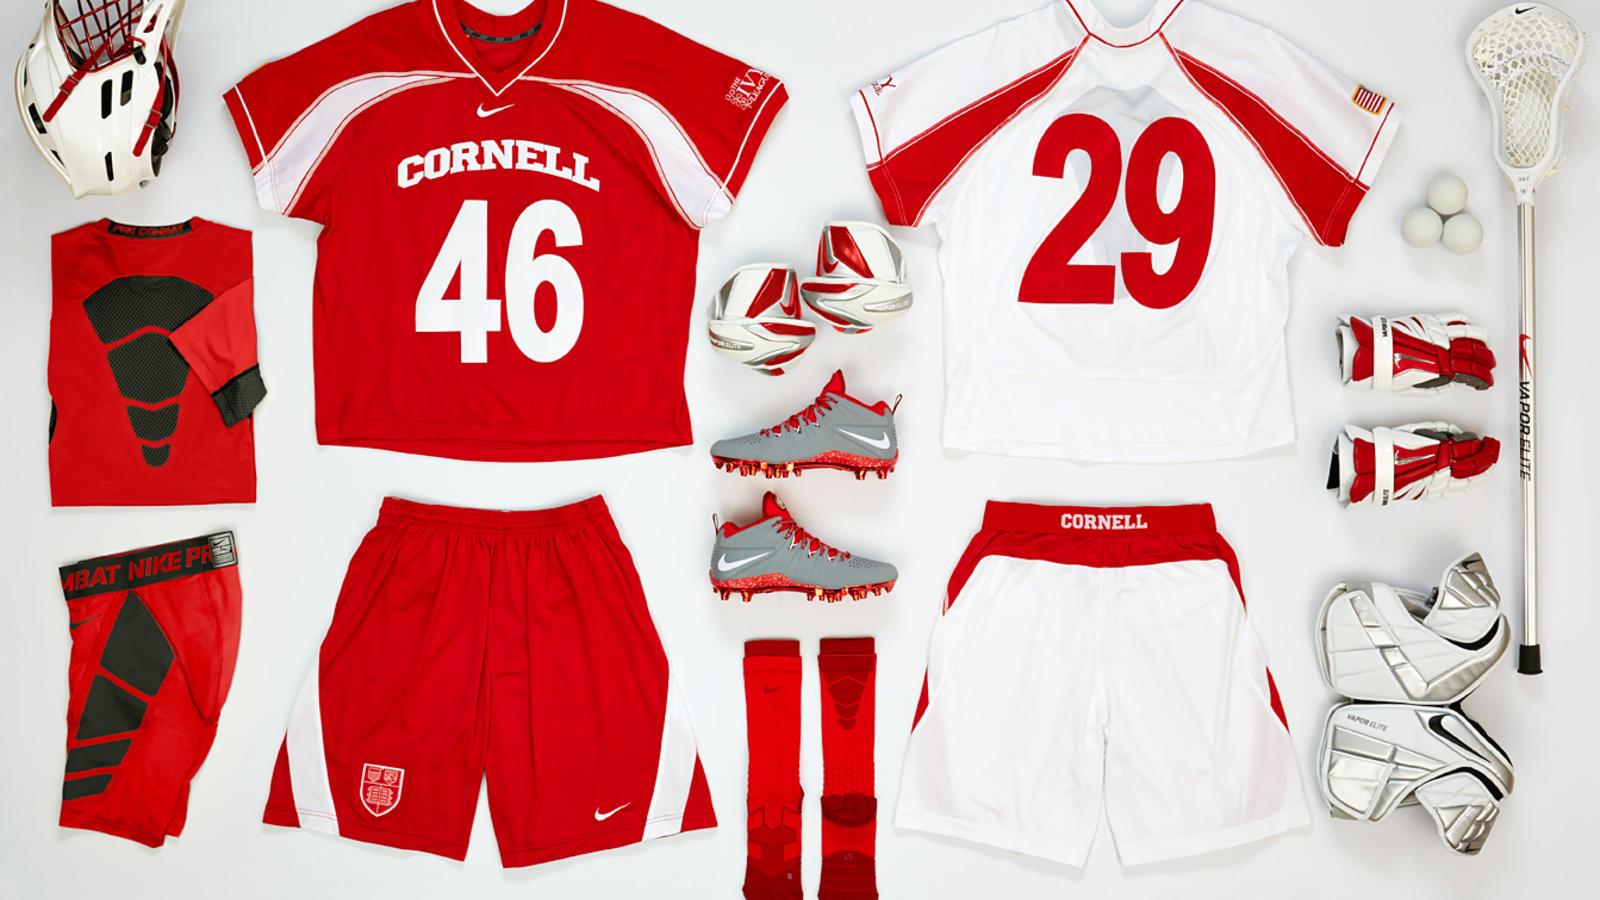 nike_lacrosse_cornell